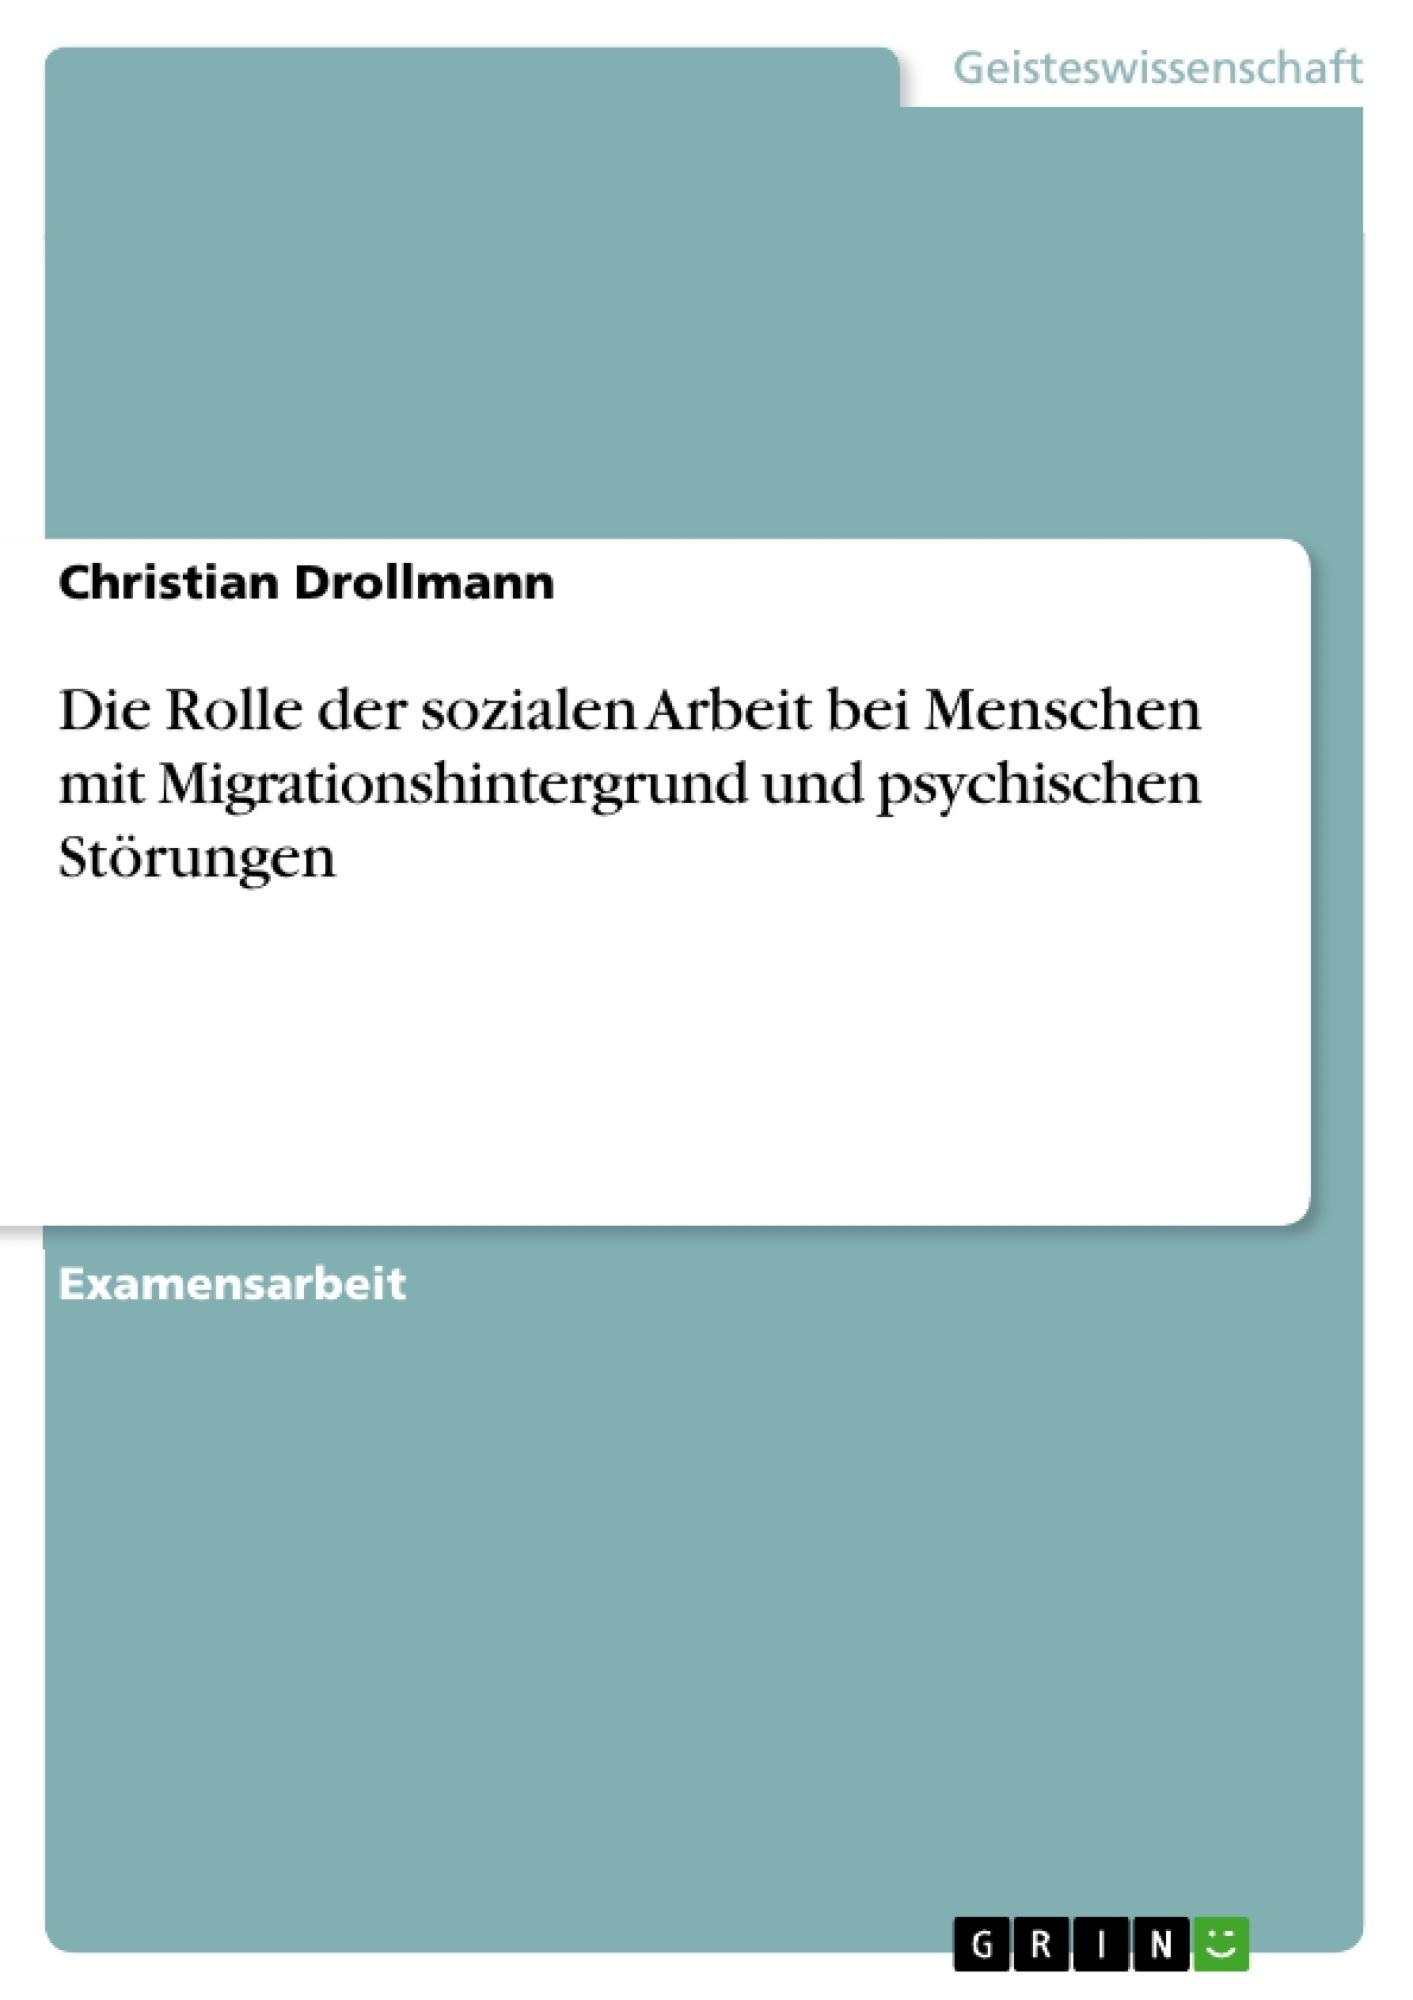 Titel: Die Rolle der sozialen Arbeit bei Menschen mit Migrationshintergrund und psychischen Störungen